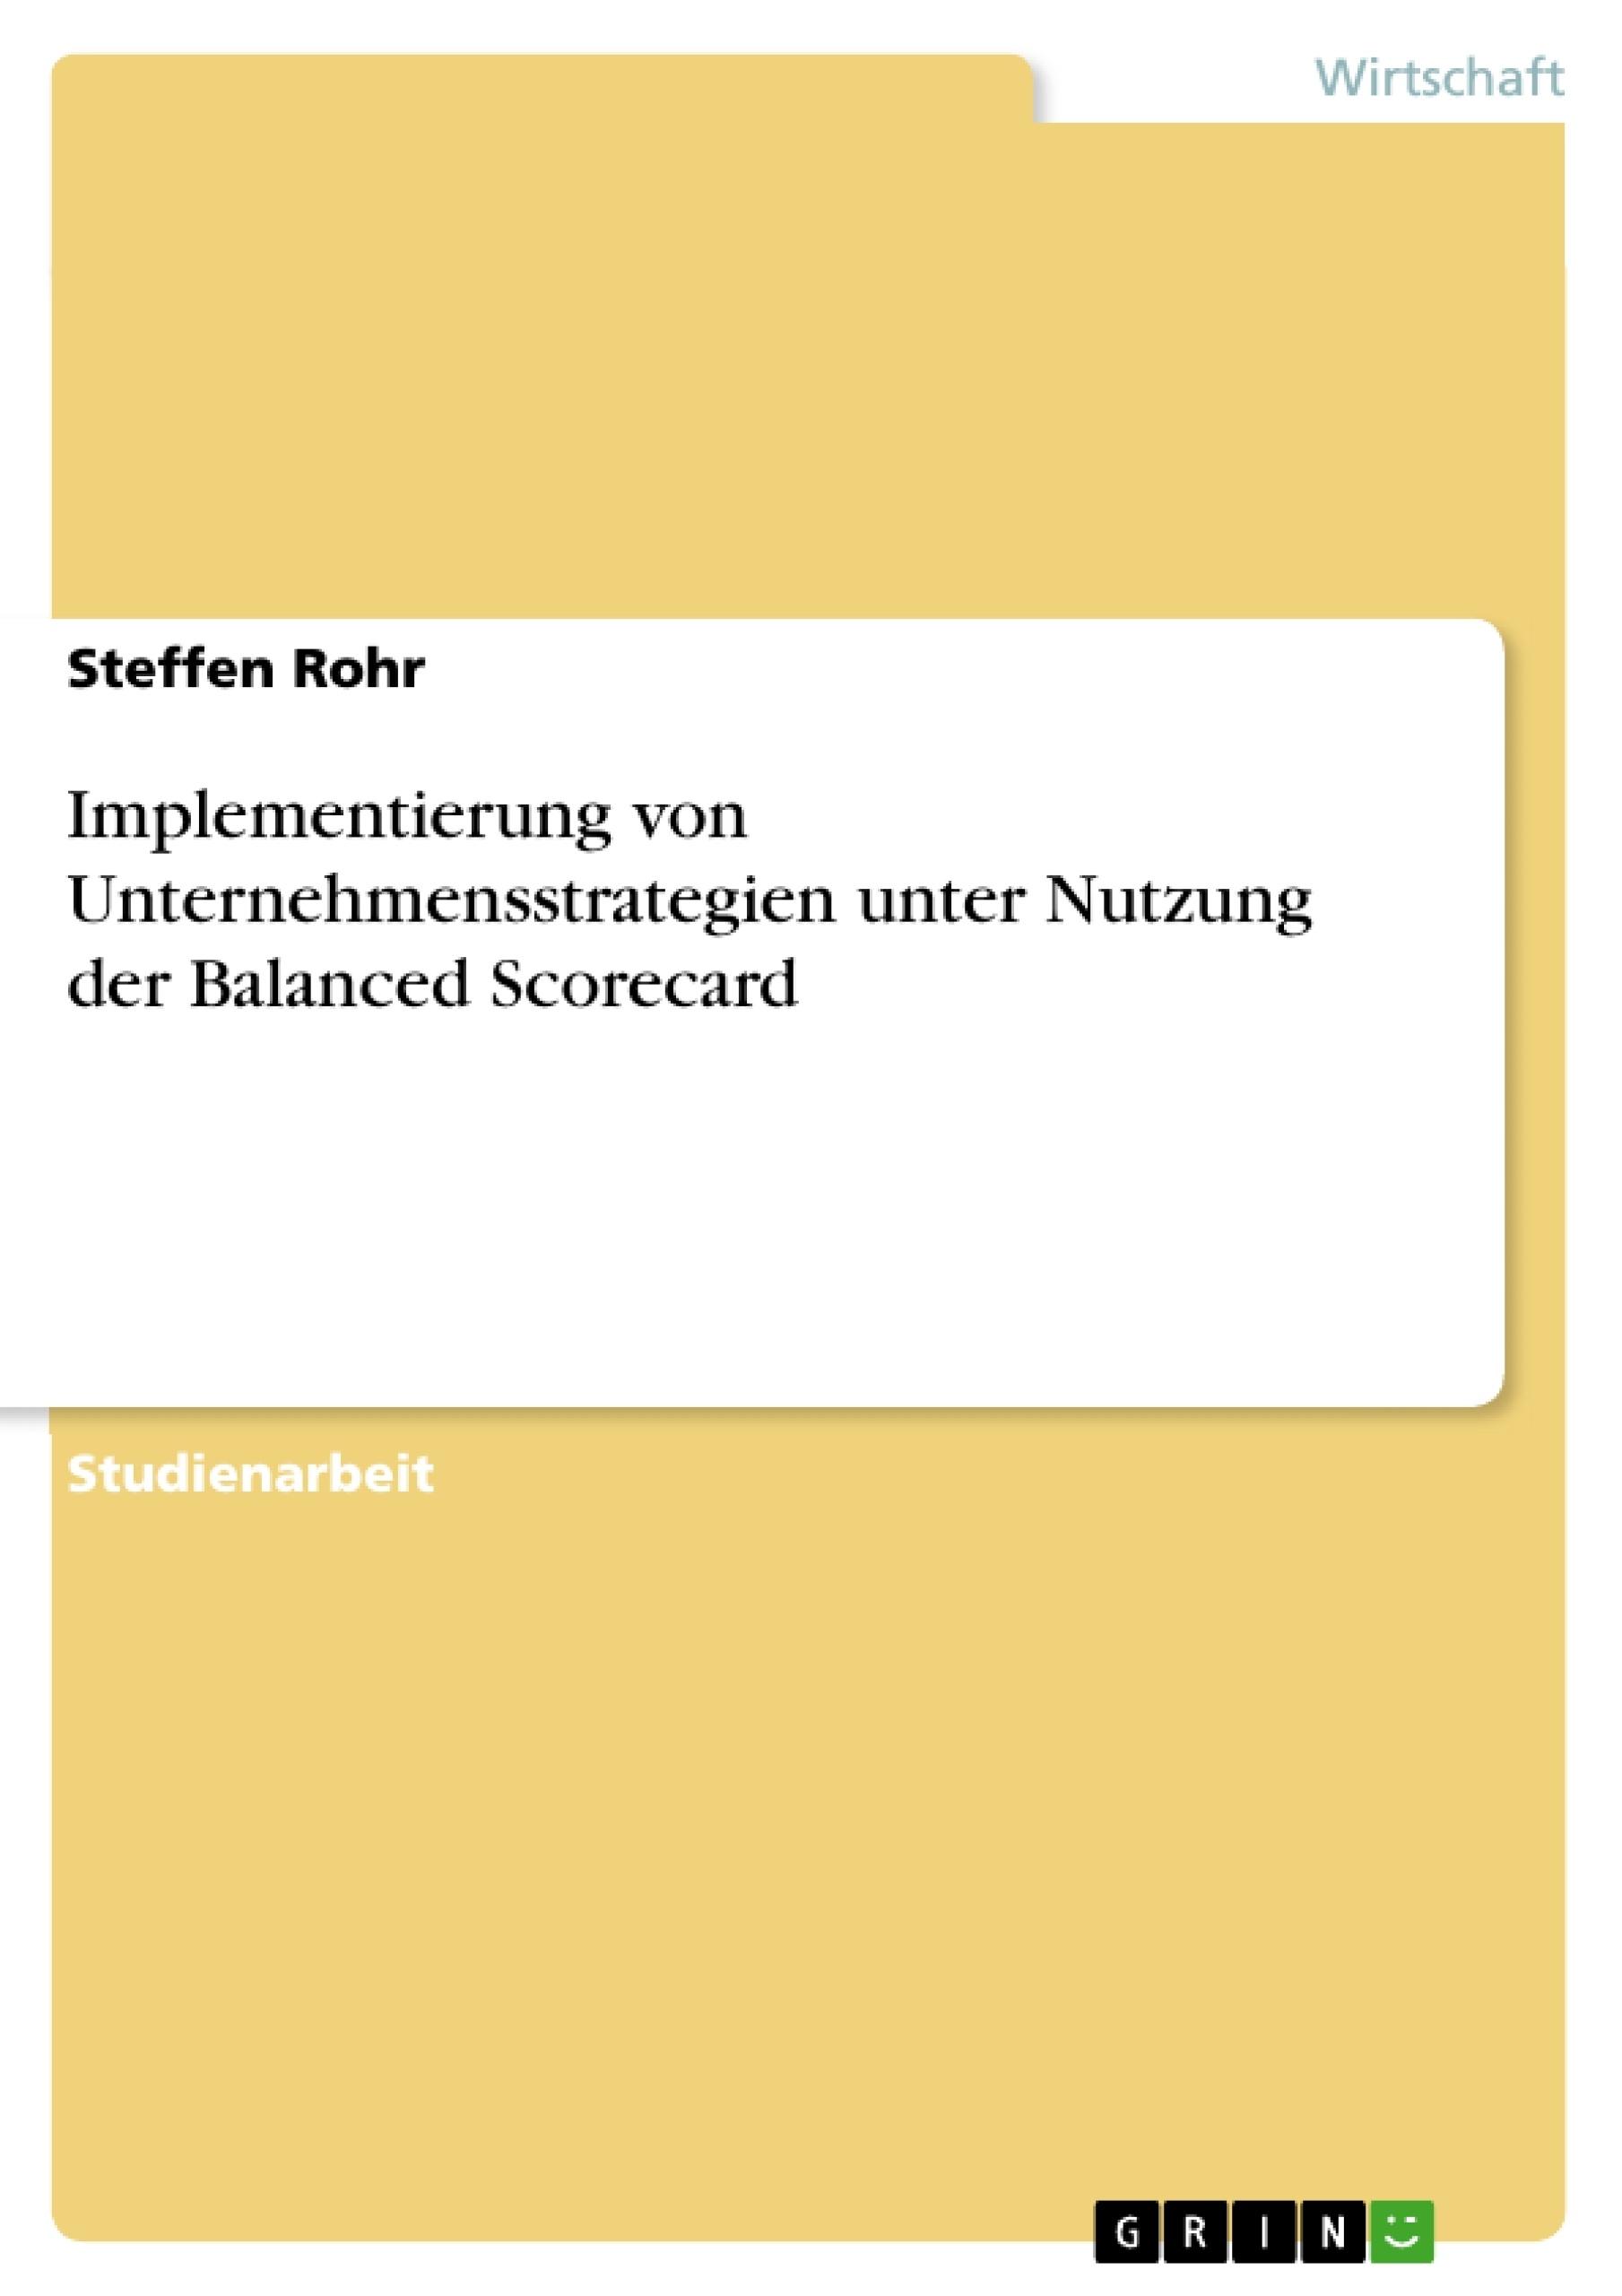 Titel: Implementierung von Unternehmensstrategien unter Nutzung der Balanced Scorecard